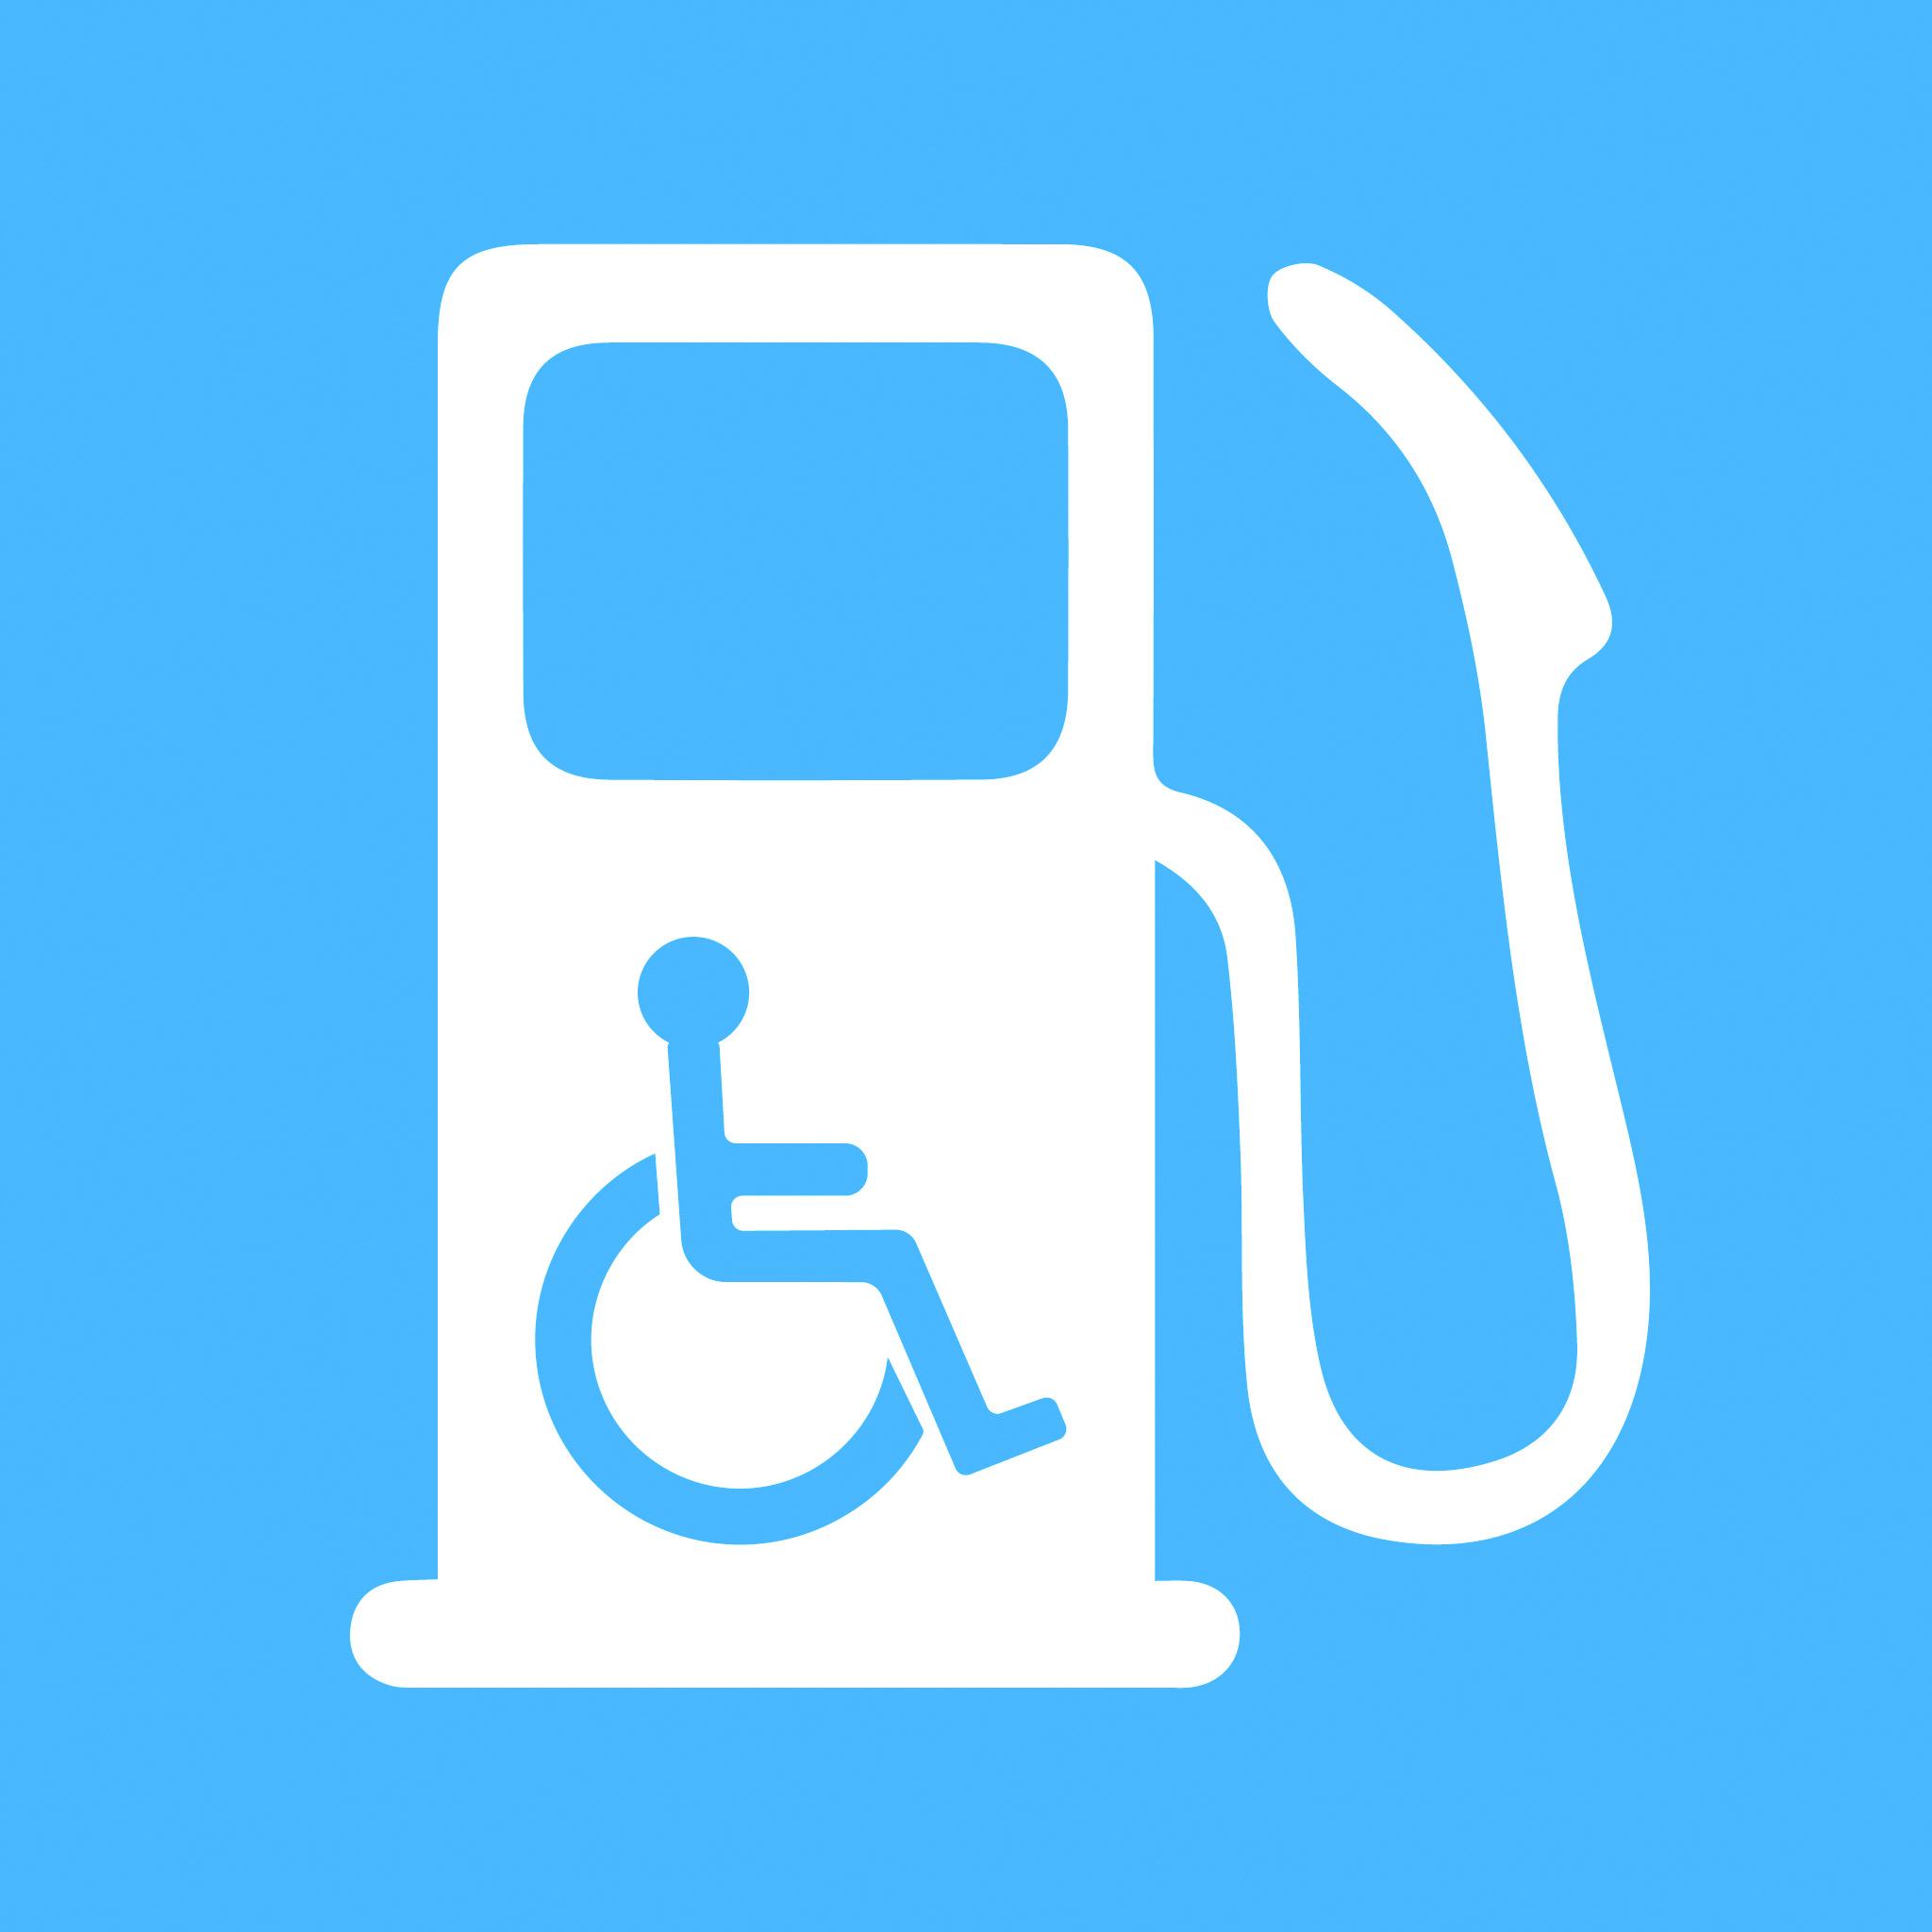 Accessible gas pump symbol